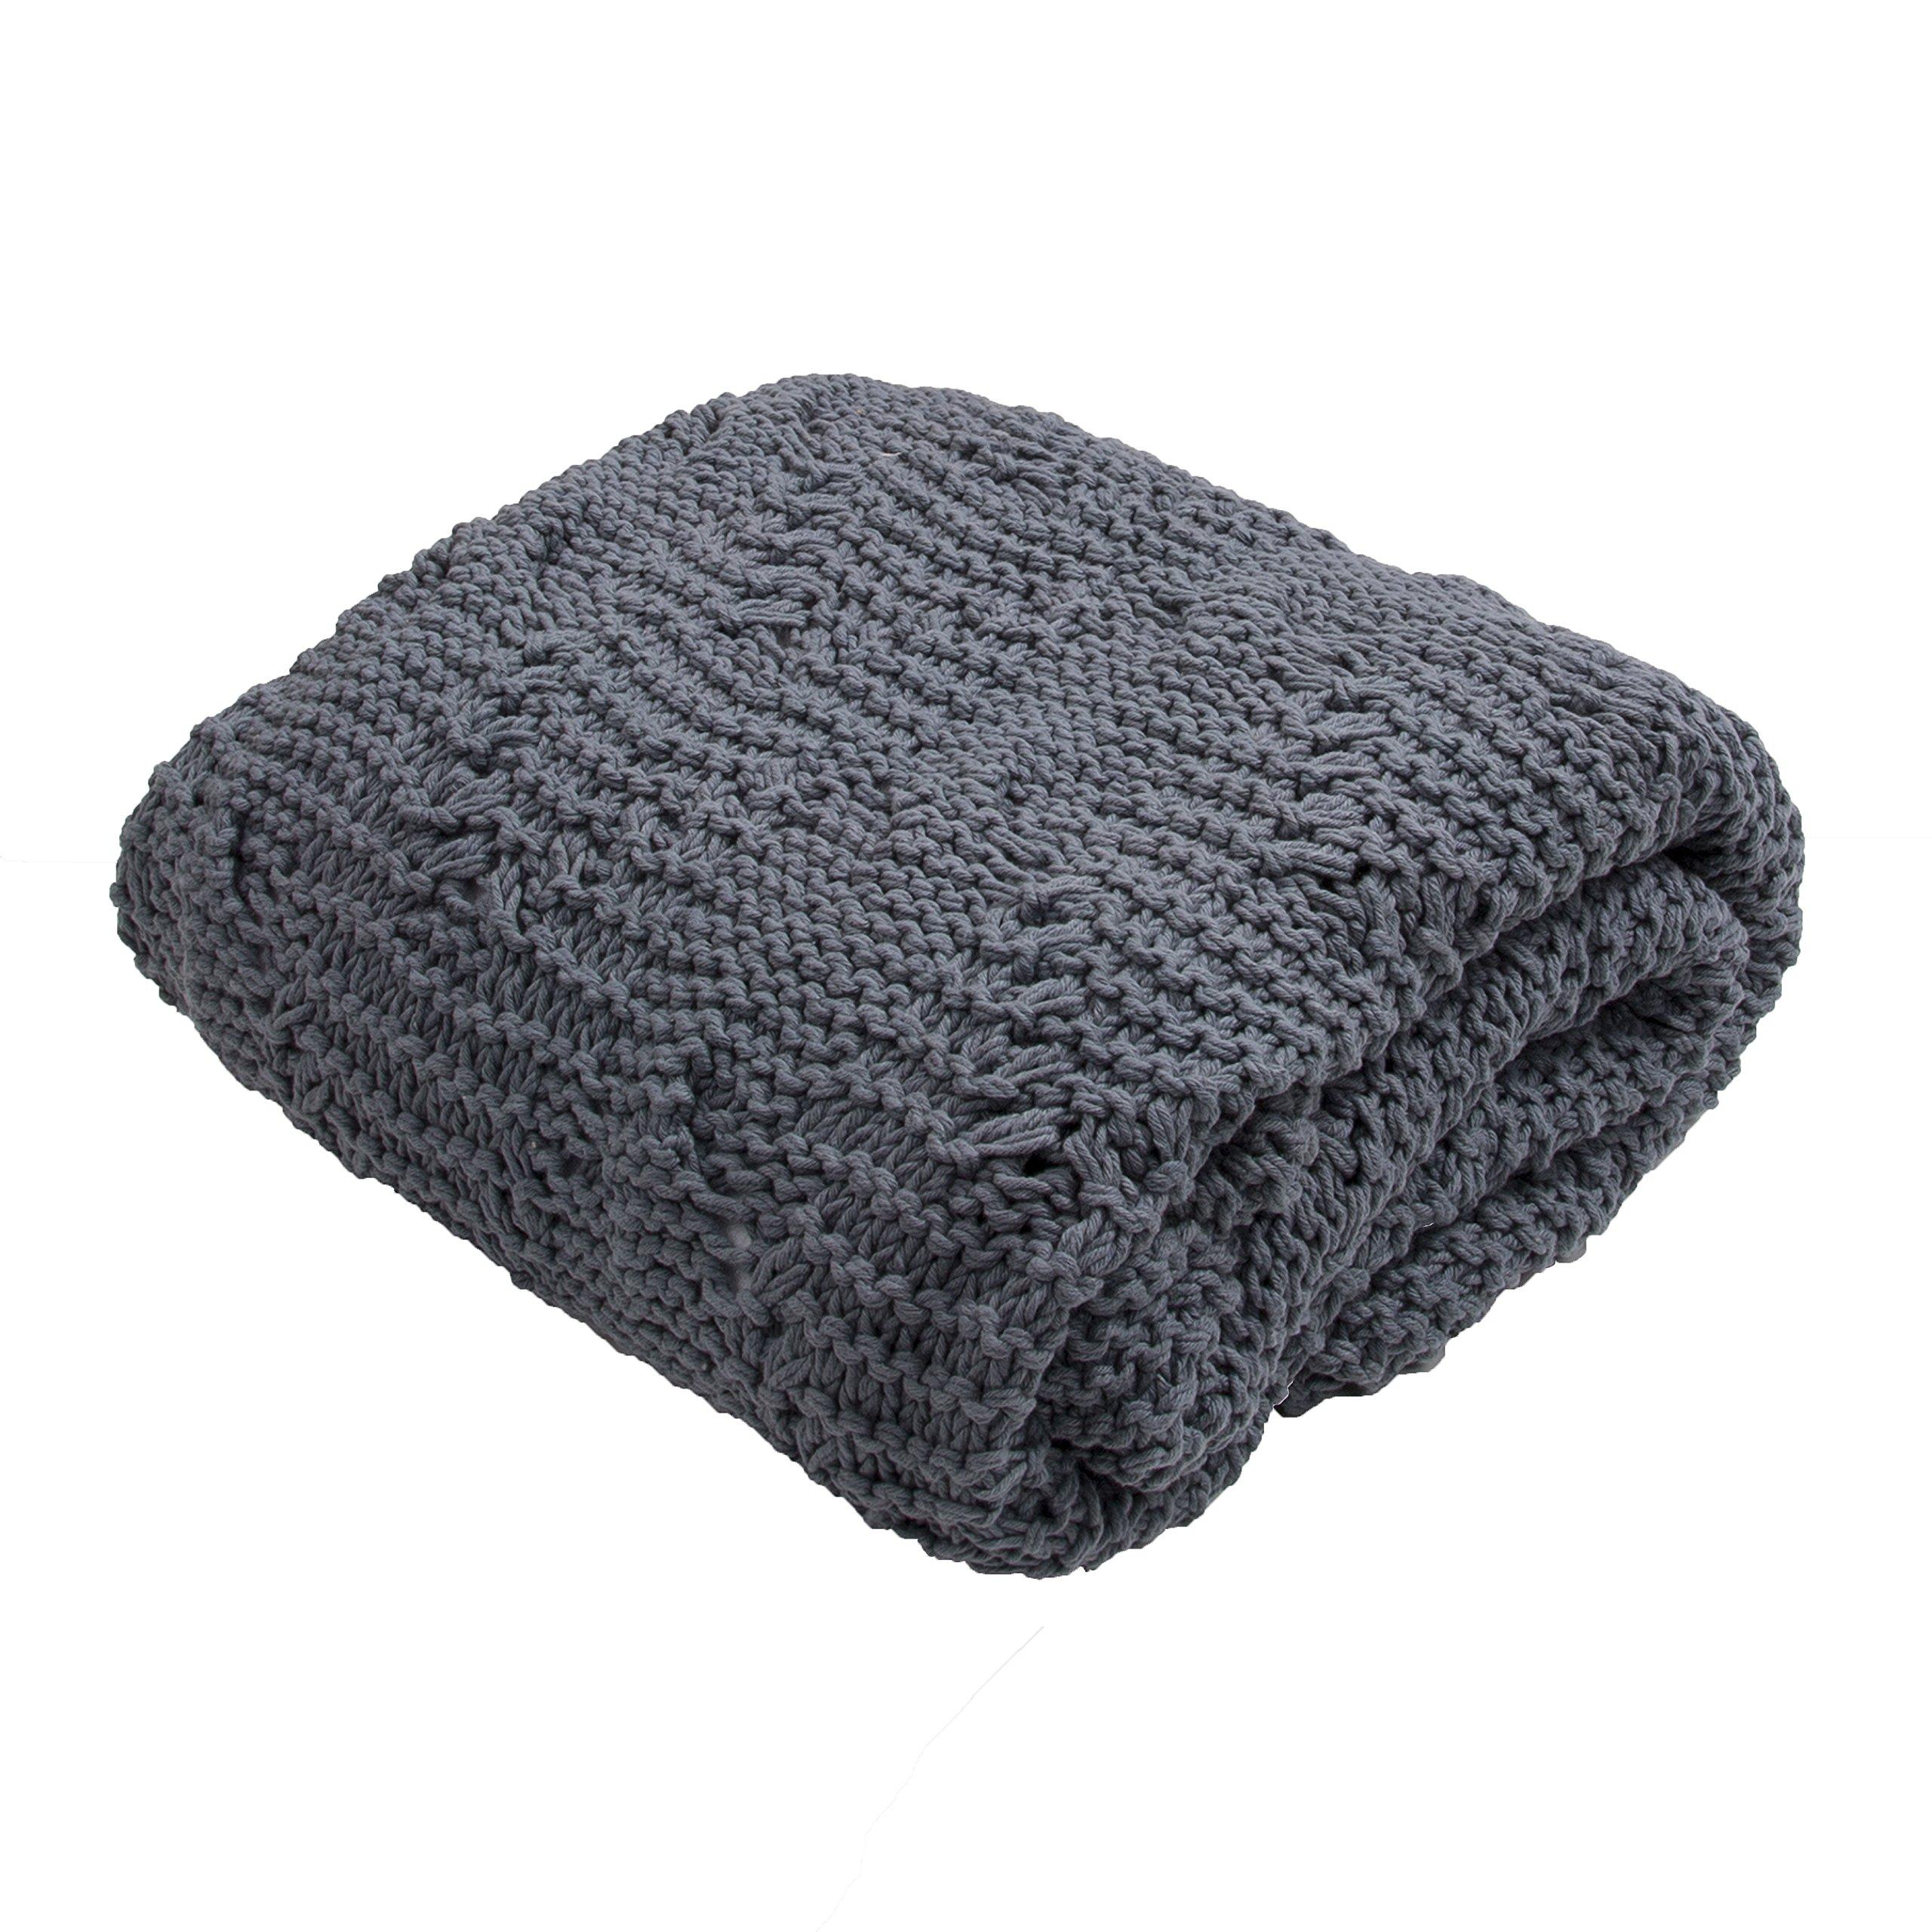 Jaipur Soft Hand Solid Pattern Dark Gray Cotton Throw, 50-Inch x 60-Inch, Goblin Blue Serin-2